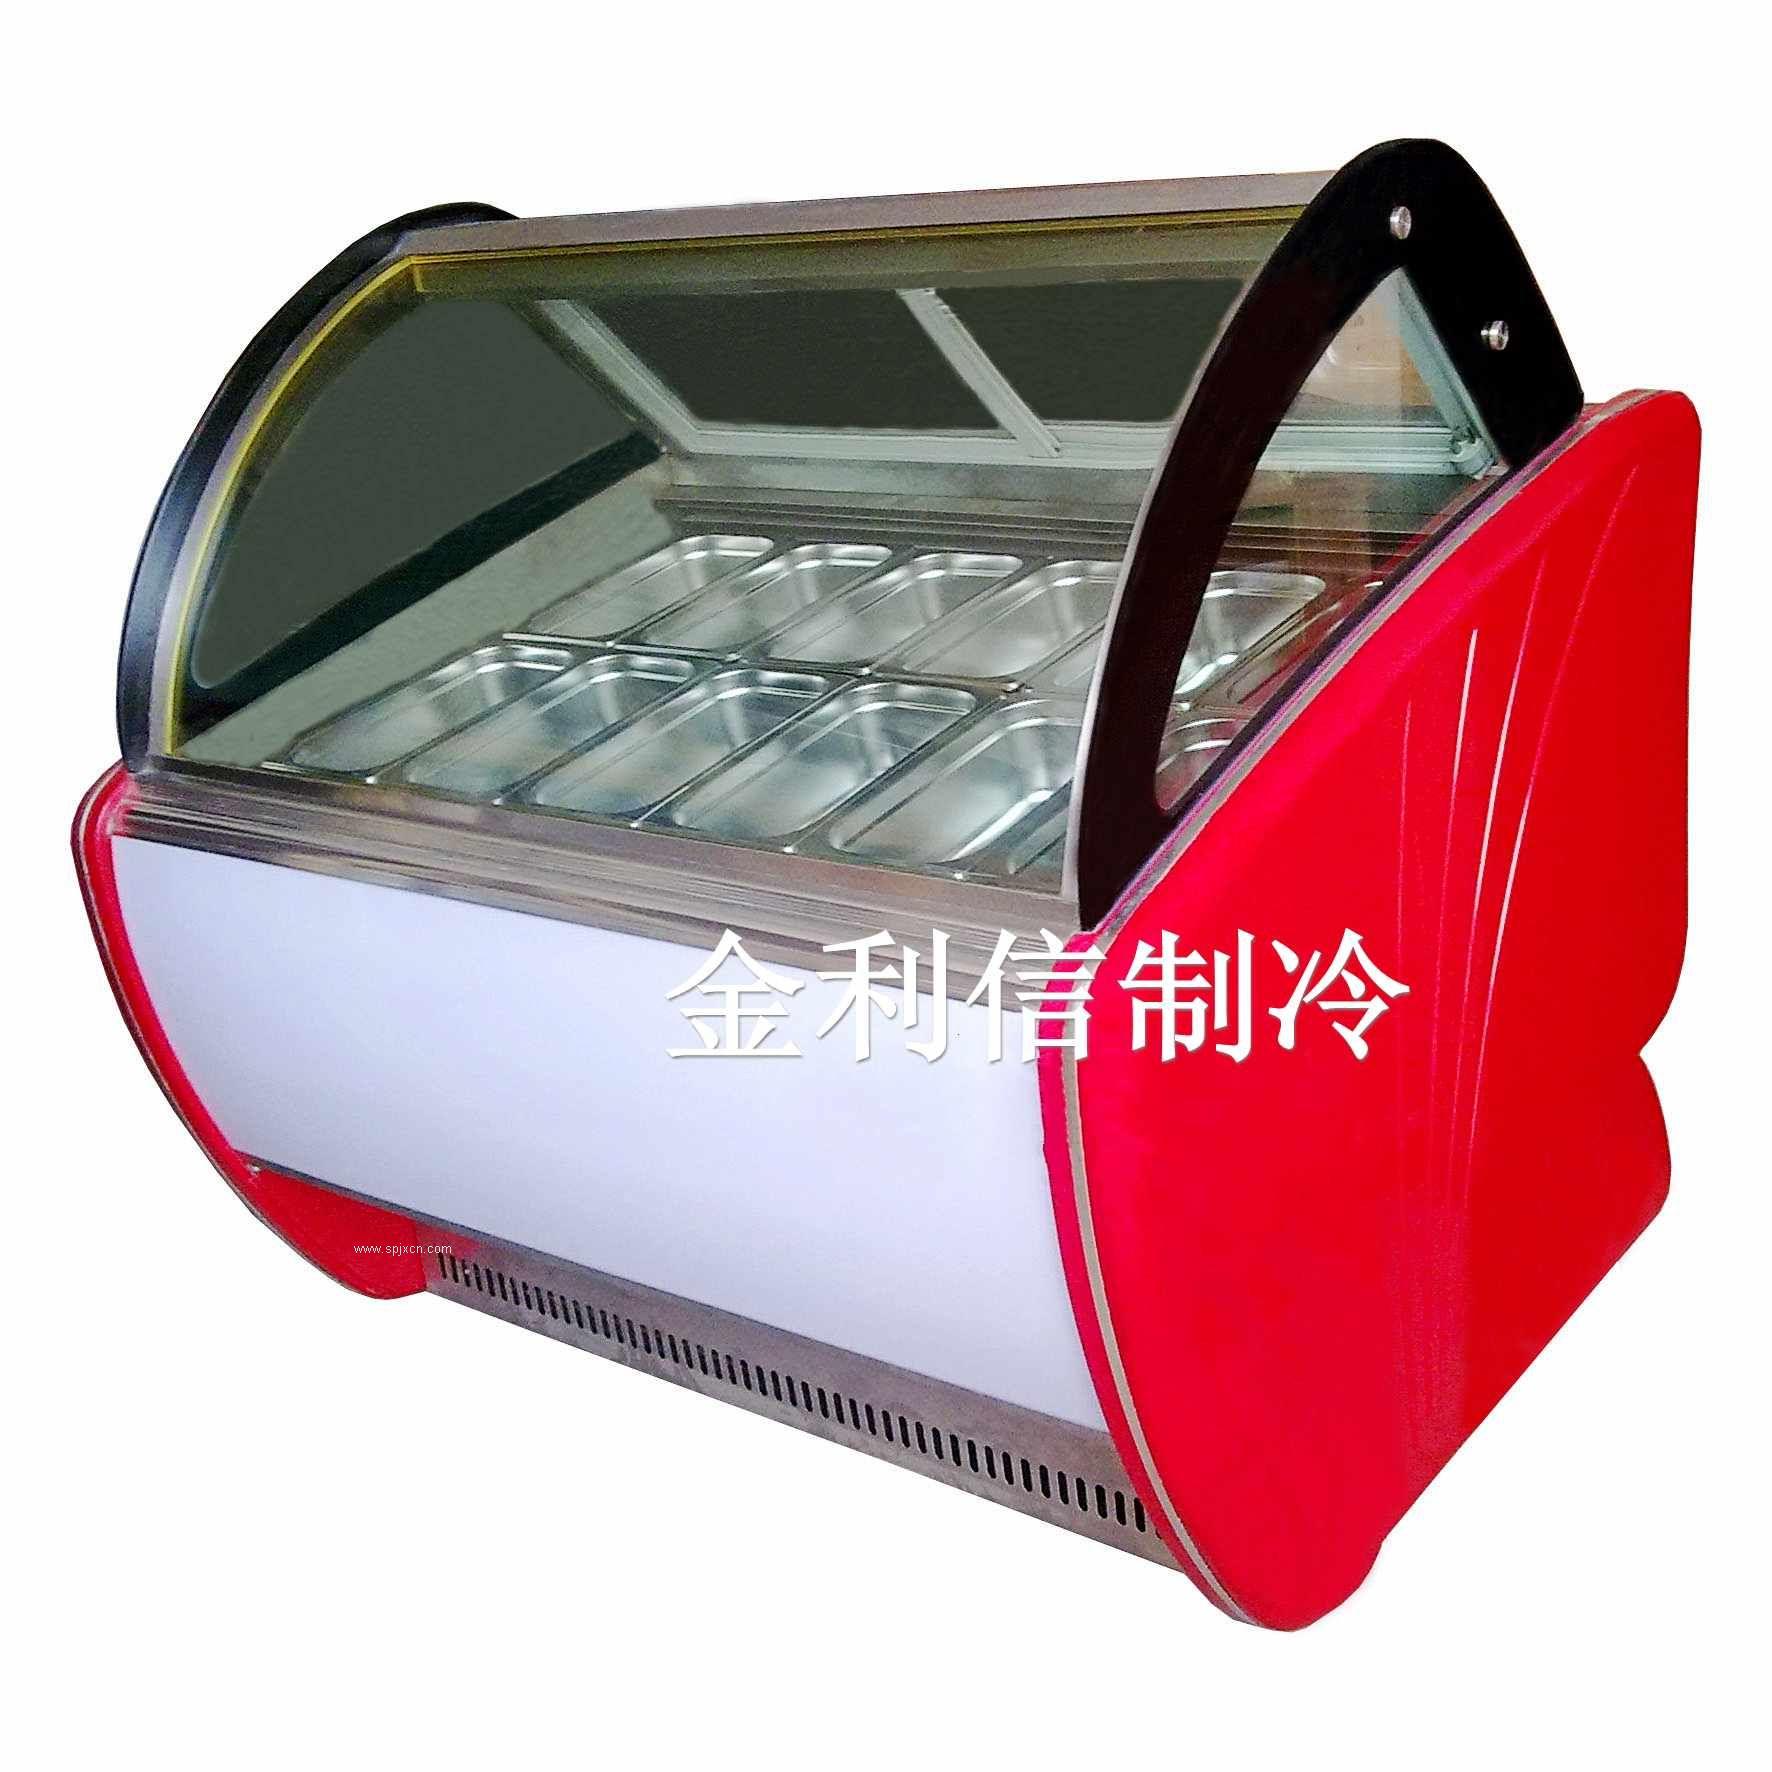 金利信牌紅色冰淇淋展示柜